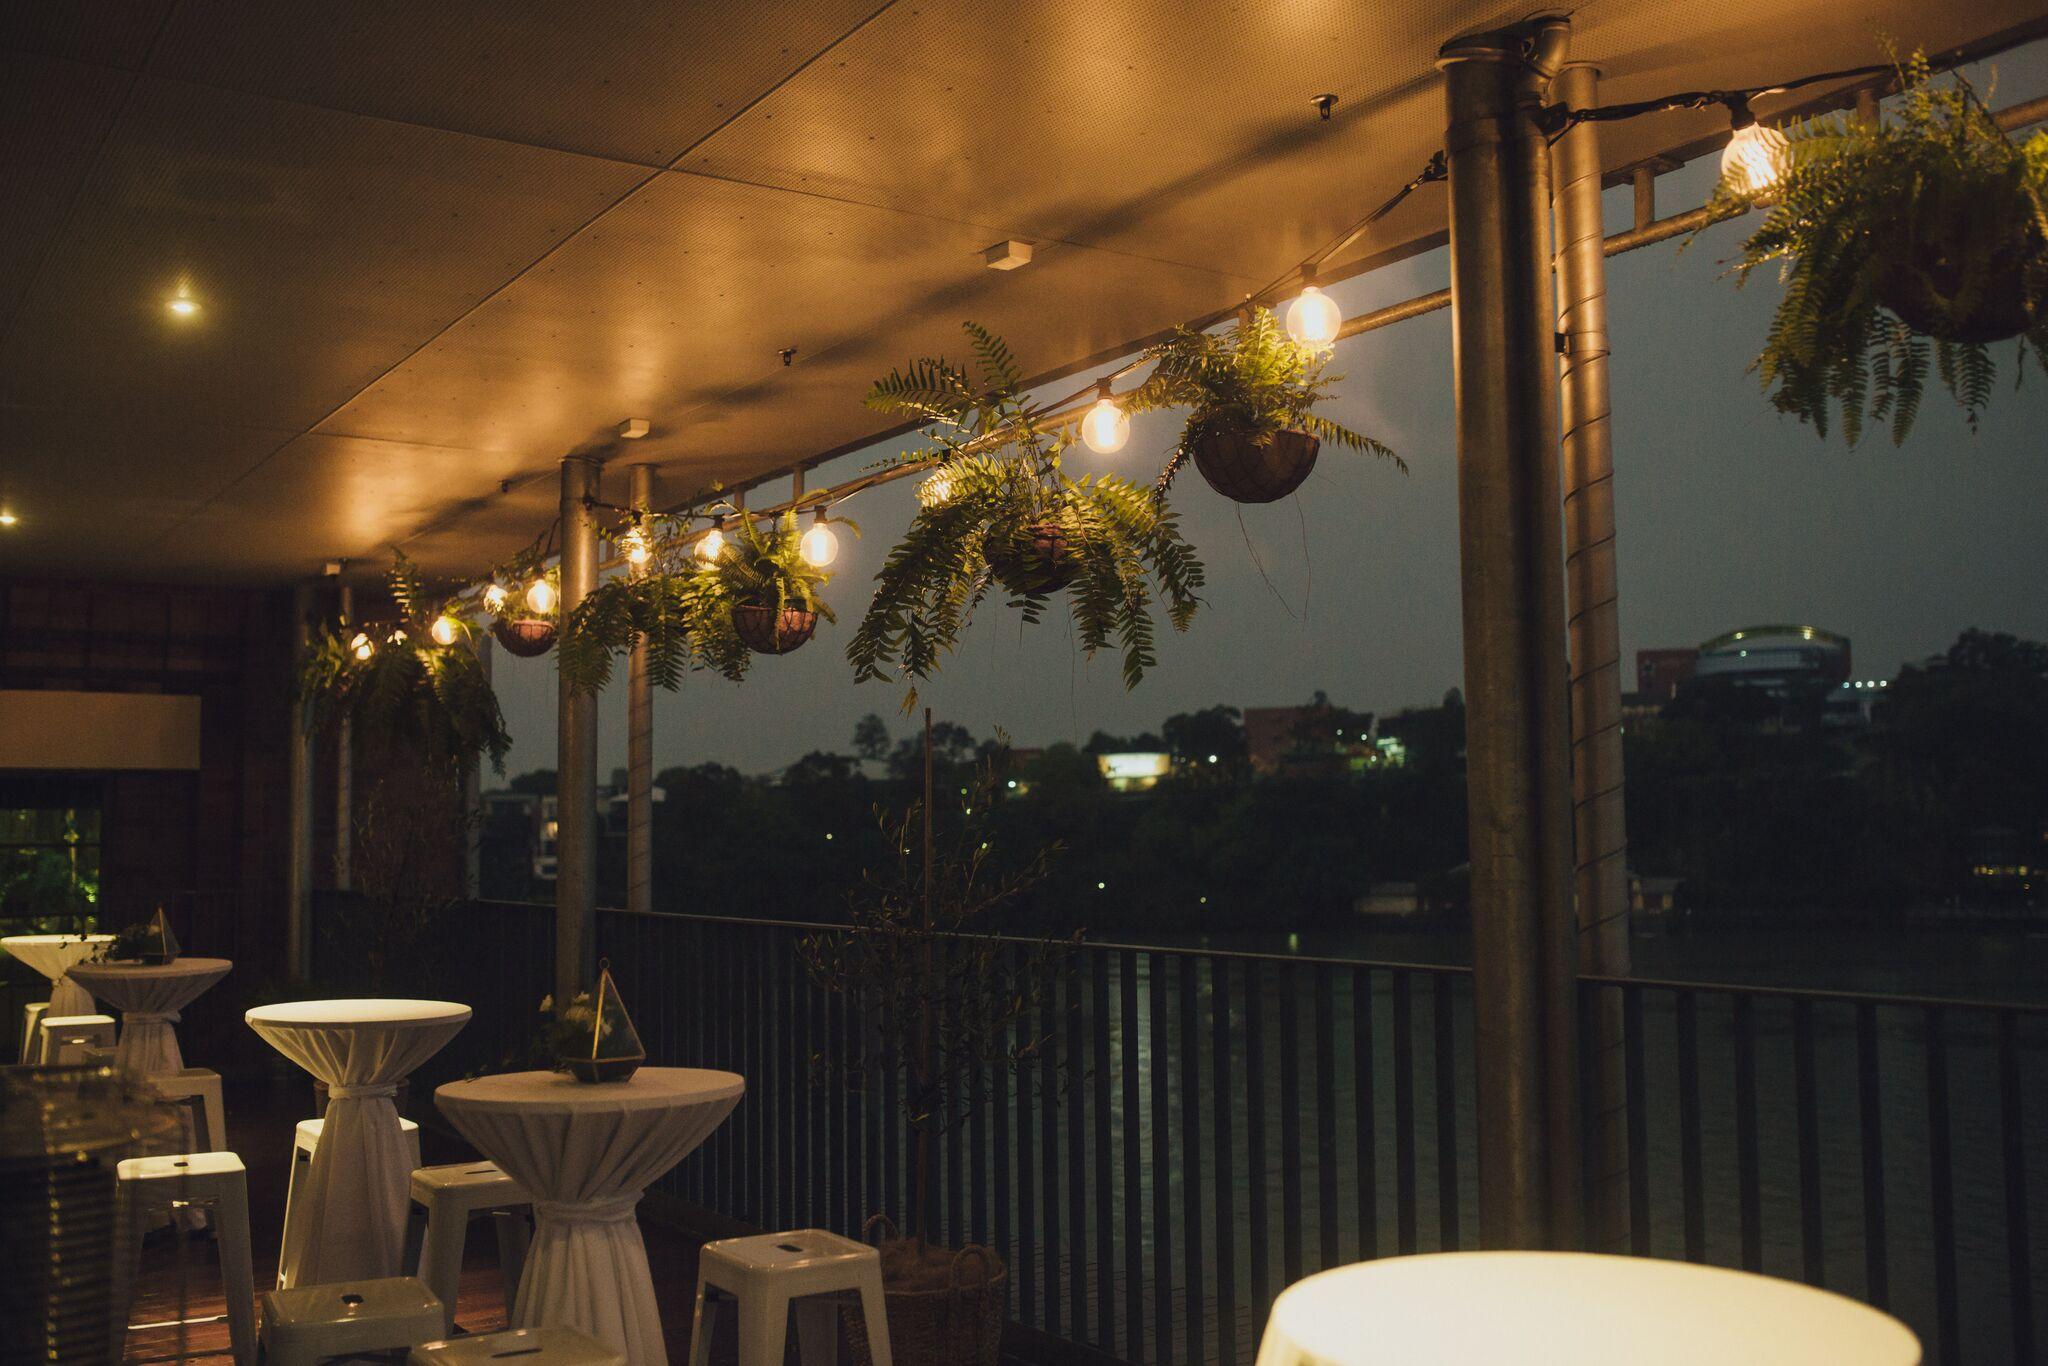 Brisbane Powerhouse - Image via  The Tsudons